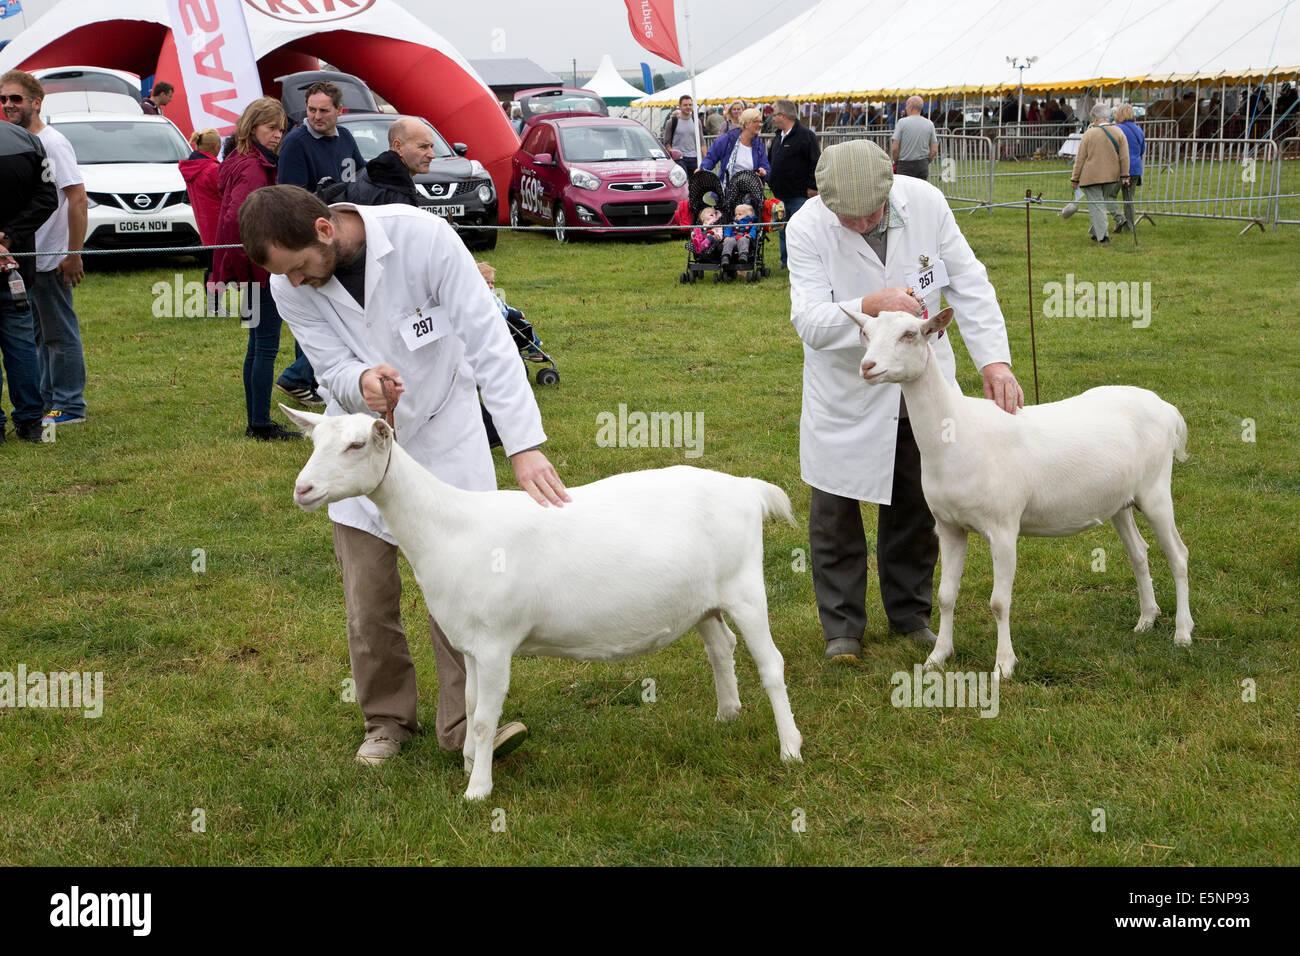 Capra a giudicare la concorrenza in inglese di grandi dimensioni agricole e artigianali visualizza Foto Stock